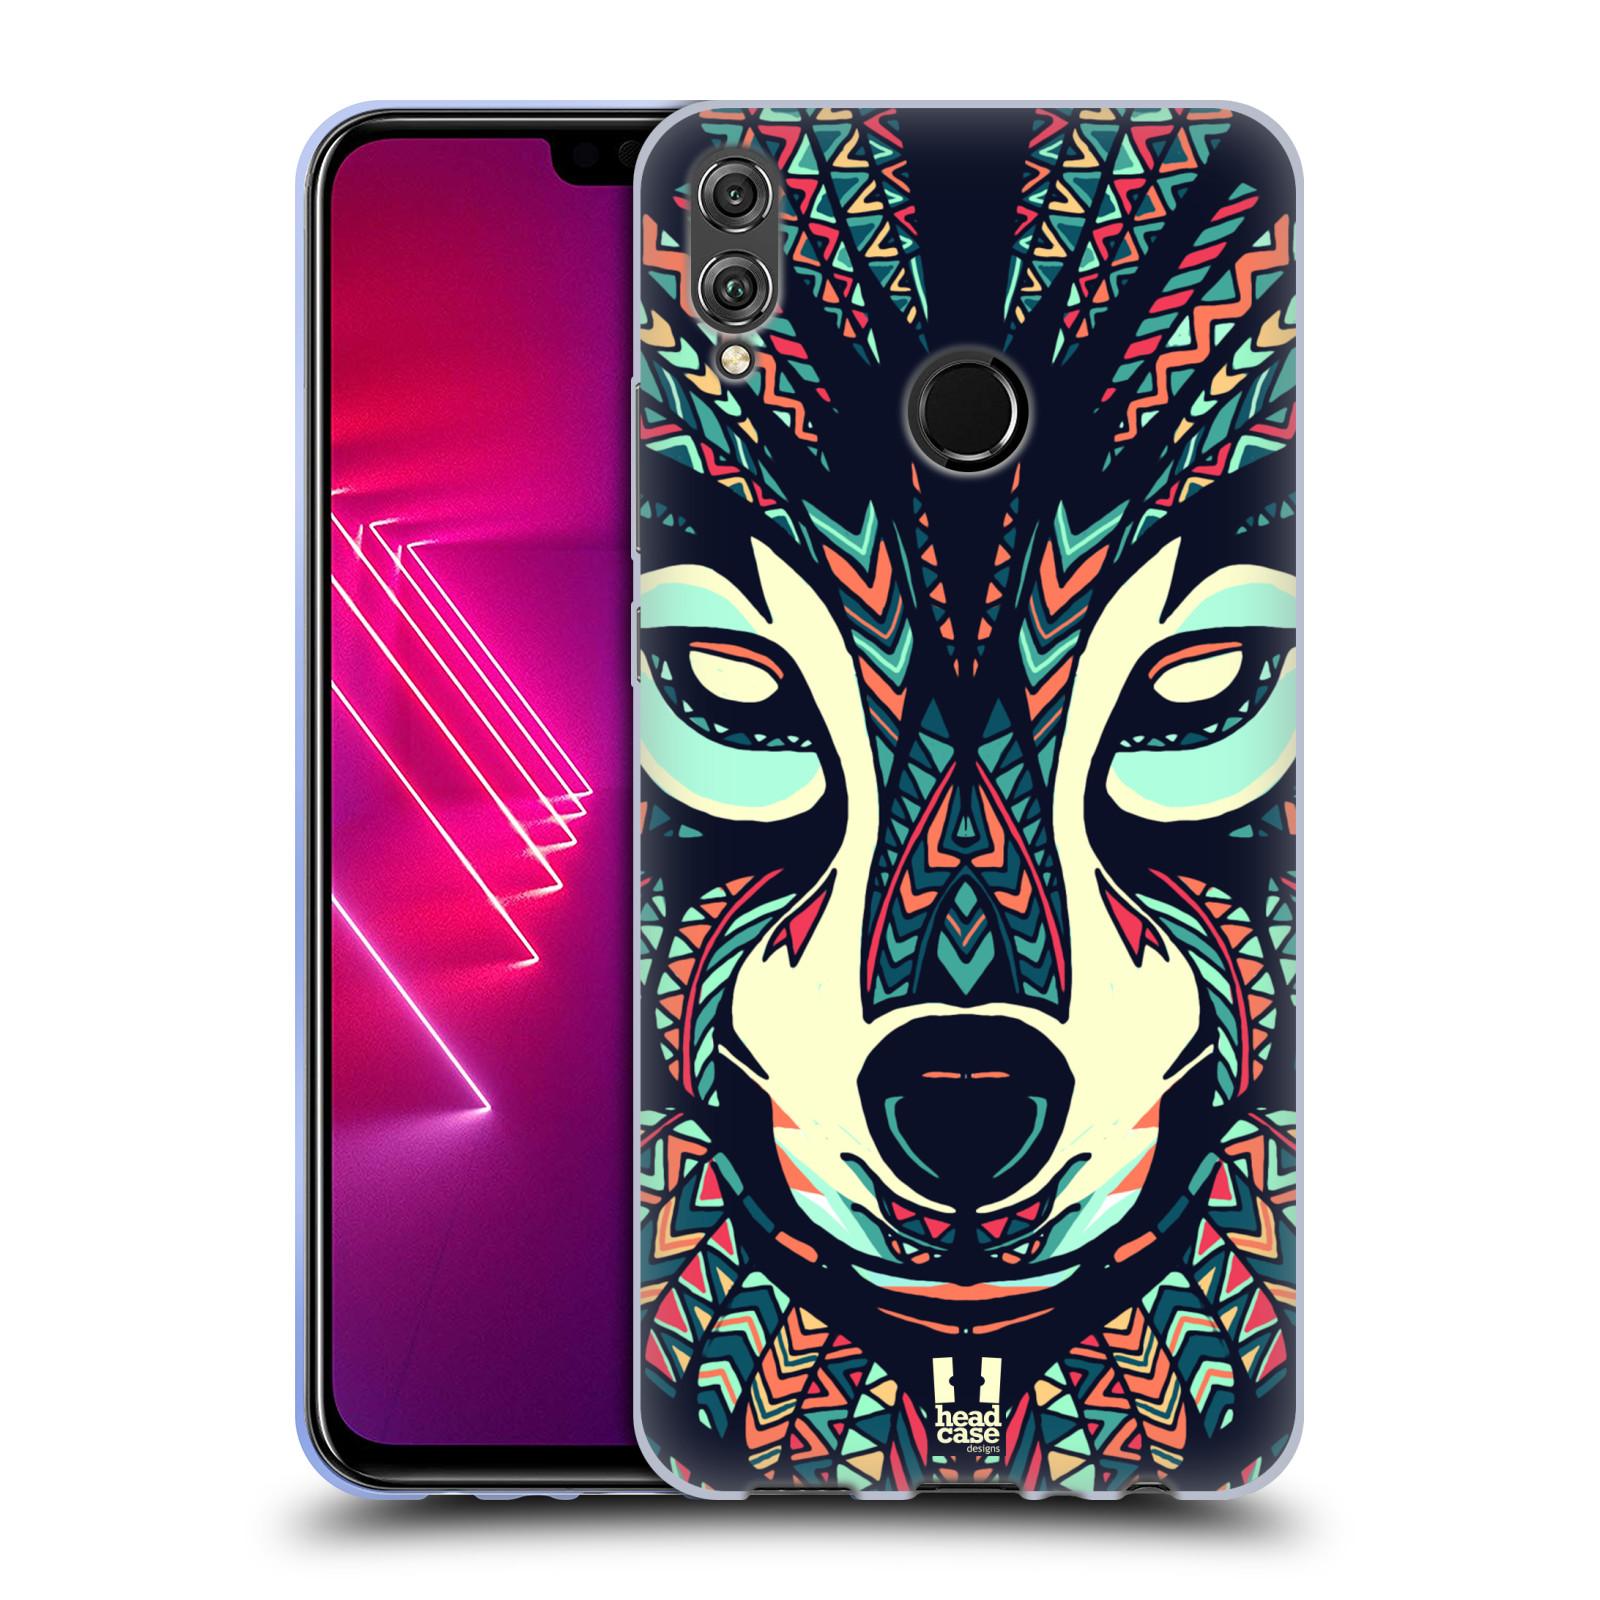 Silikonové pouzdro na mobil Honor View 10 Lite - Head Case - AZTEC VLK